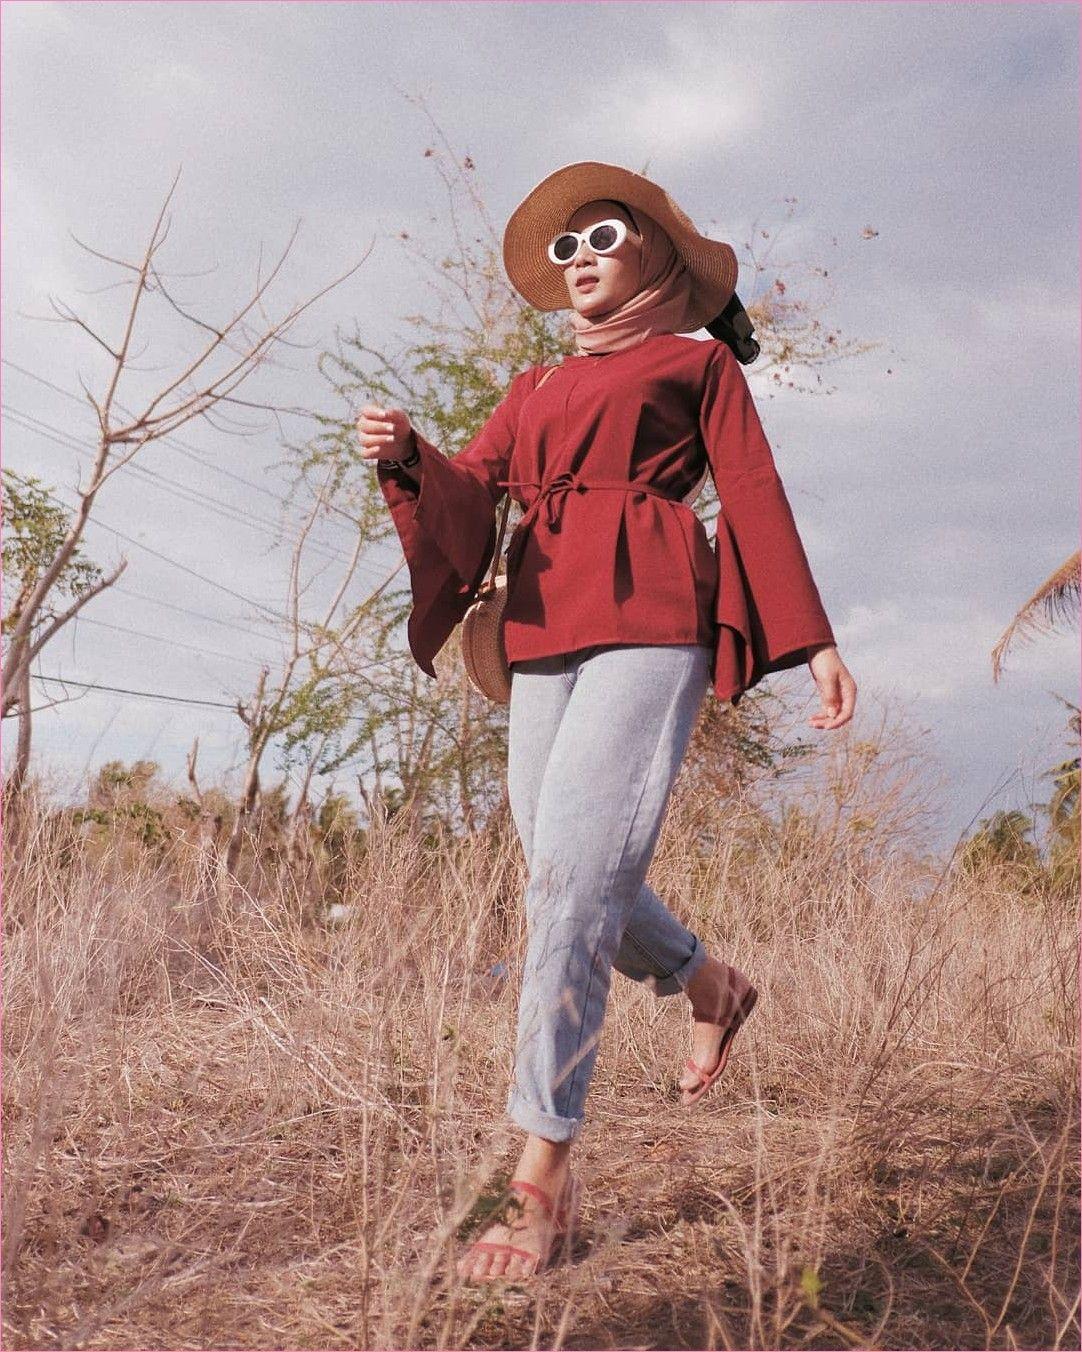 Outfit Baju Remaja Berhijab Ala Selebgram 2018 Topi Pantai Top Tunik Wanita Atasan Sabrina Sweater Maelo Maroon Blouse Lengan Lebar Merah Tua Hijab